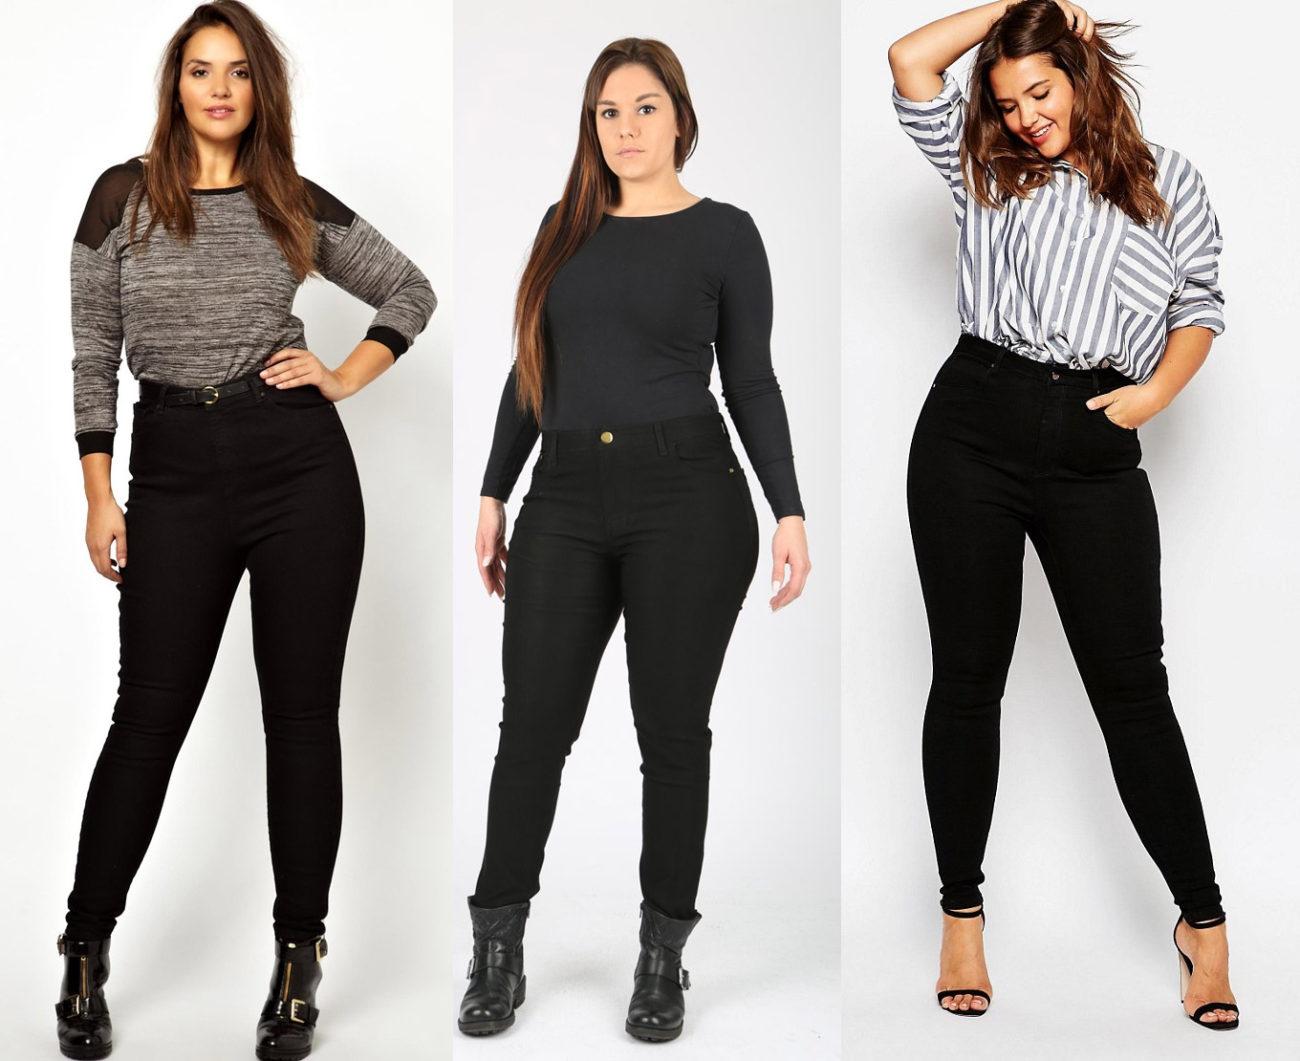 Зауженные брюки для полных девушек фото